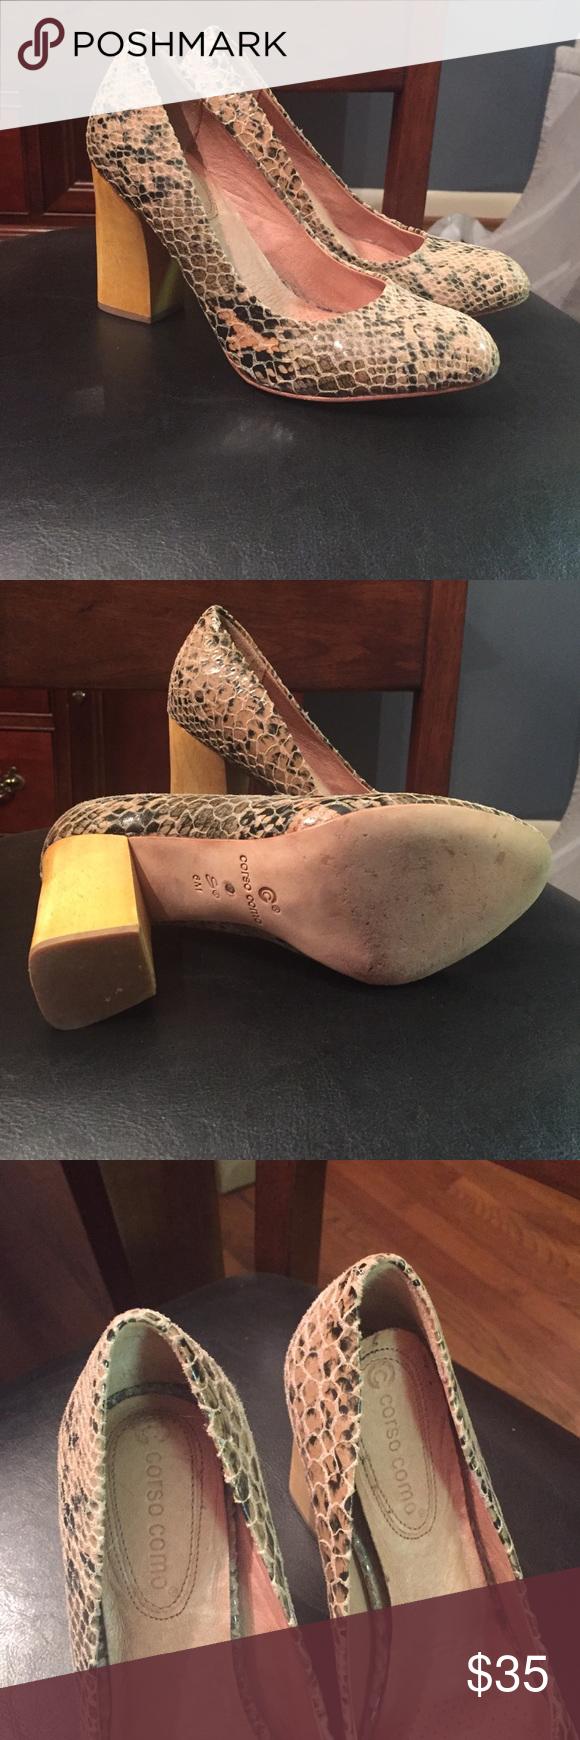 Corso Como heels Used snakeskin heels. Good condition. Size 6 Corso Como Shoes Heels